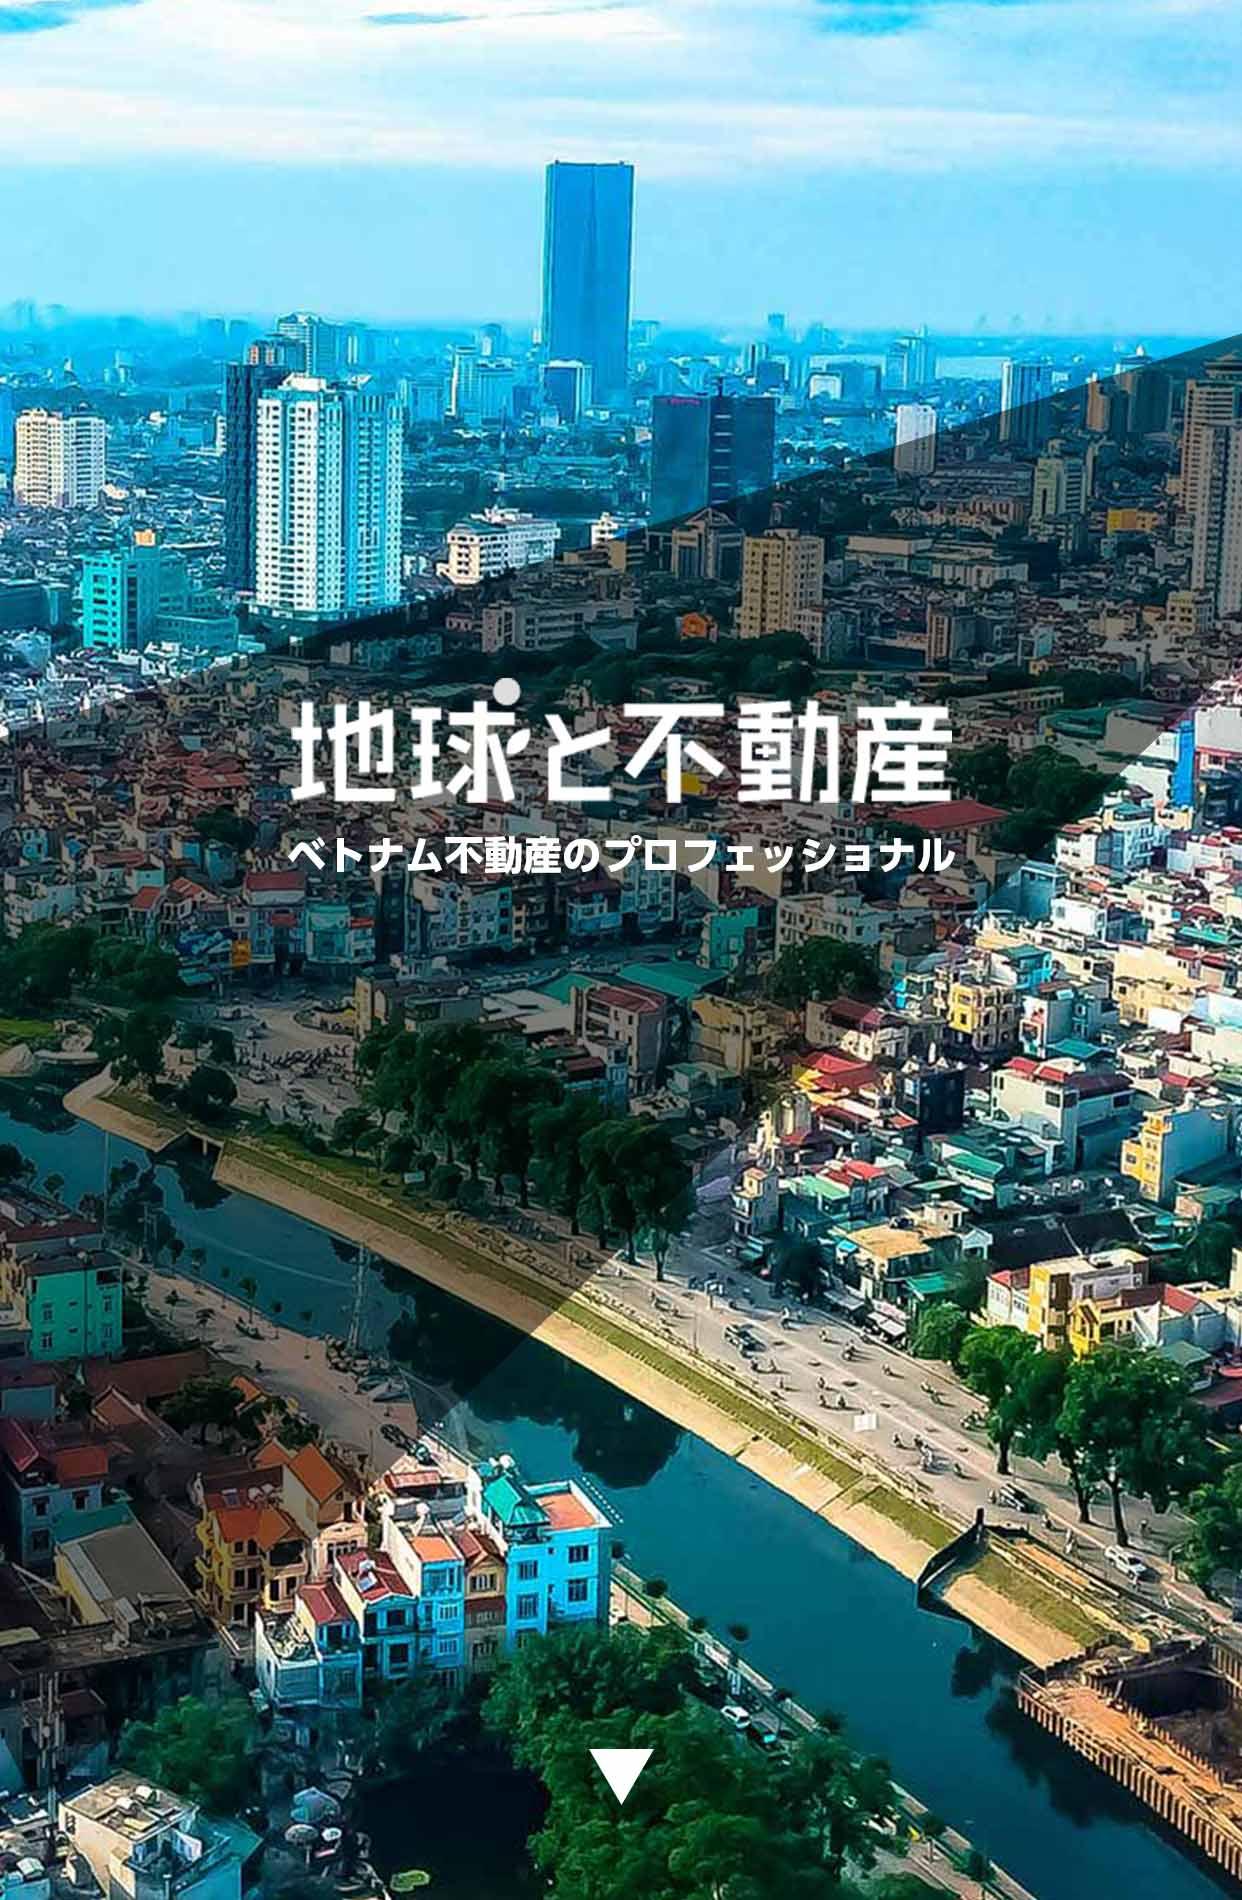 ベトナム不動産投資のプロフェッショナル 地球と不動産